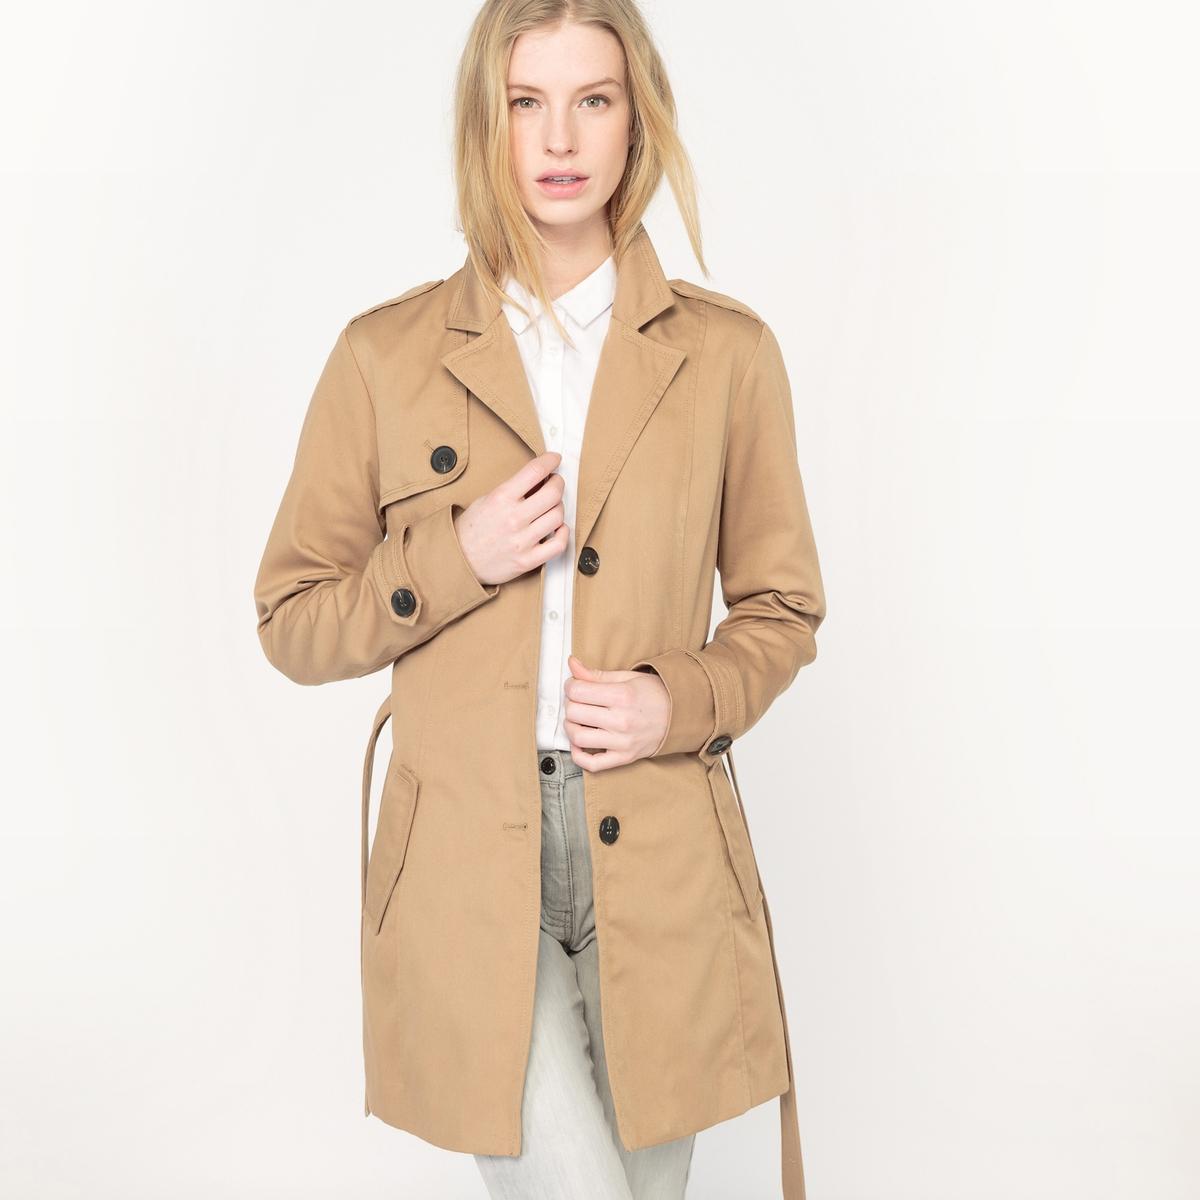 ТренчМатериал: 20 % хлопка, 80 % полиэстера. Тип застежки: Застежка на молнию.  Форма воротника: Круглый вырез. Длина пальто: Пальто средней длины. Рисунок: Однотонная модель. Капюшон: Да.<br><br>Цвет: темно-бежевый<br>Размер: L